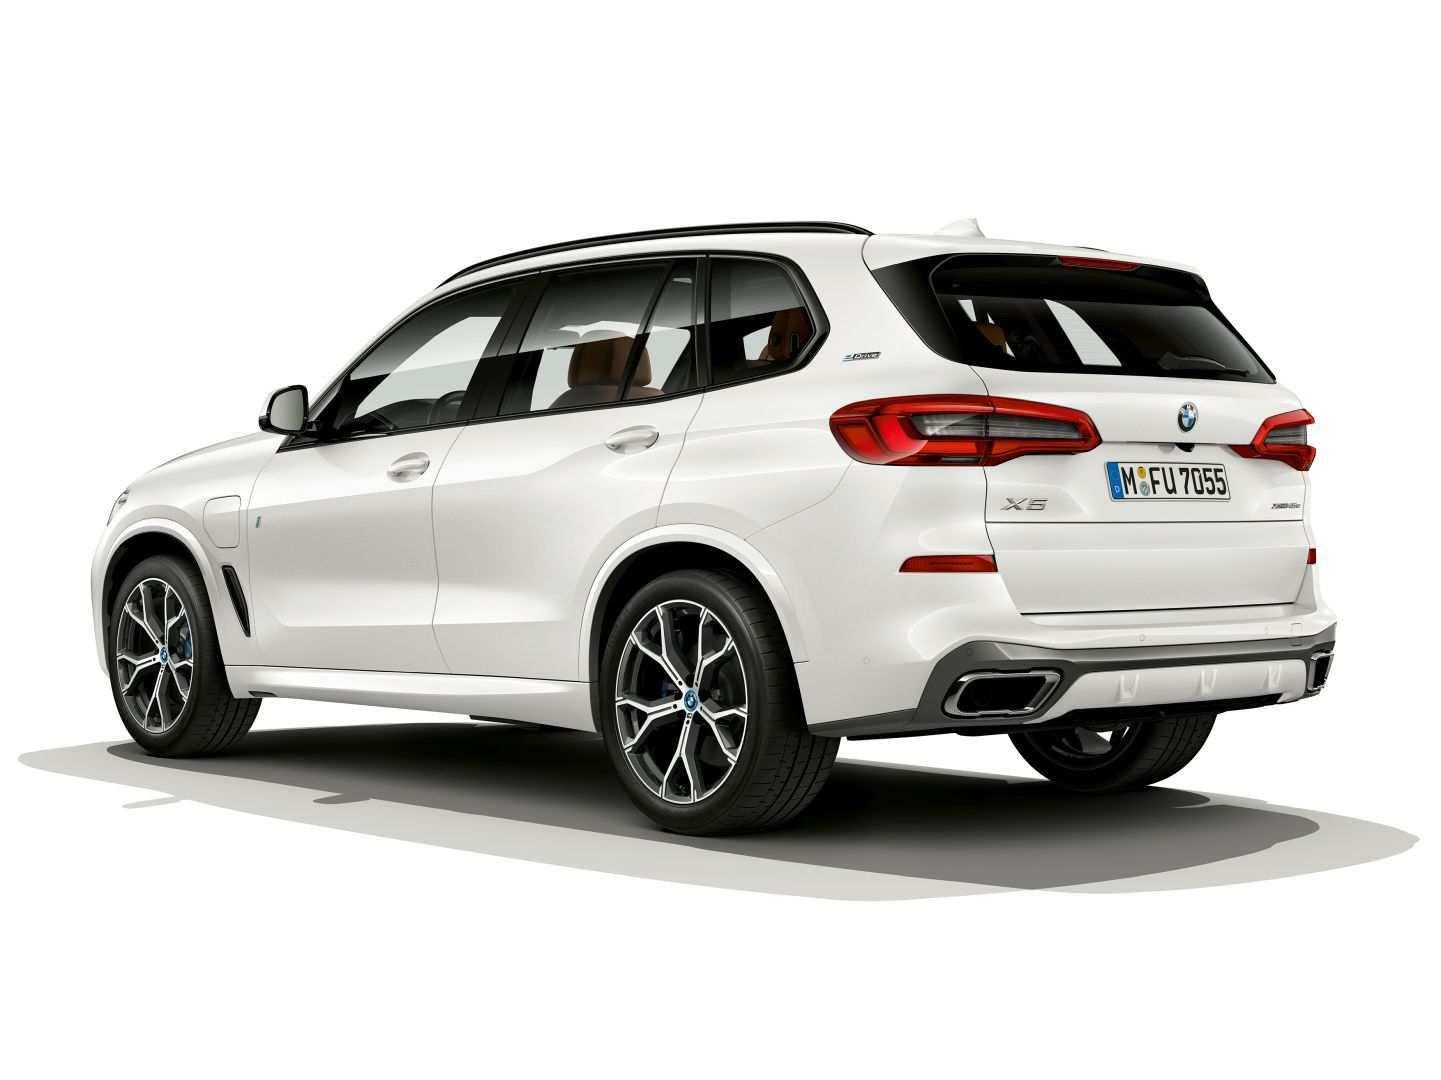 46 Best Review 2020 BMW X3 Hybrid Release Date by 2020 BMW X3 Hybrid